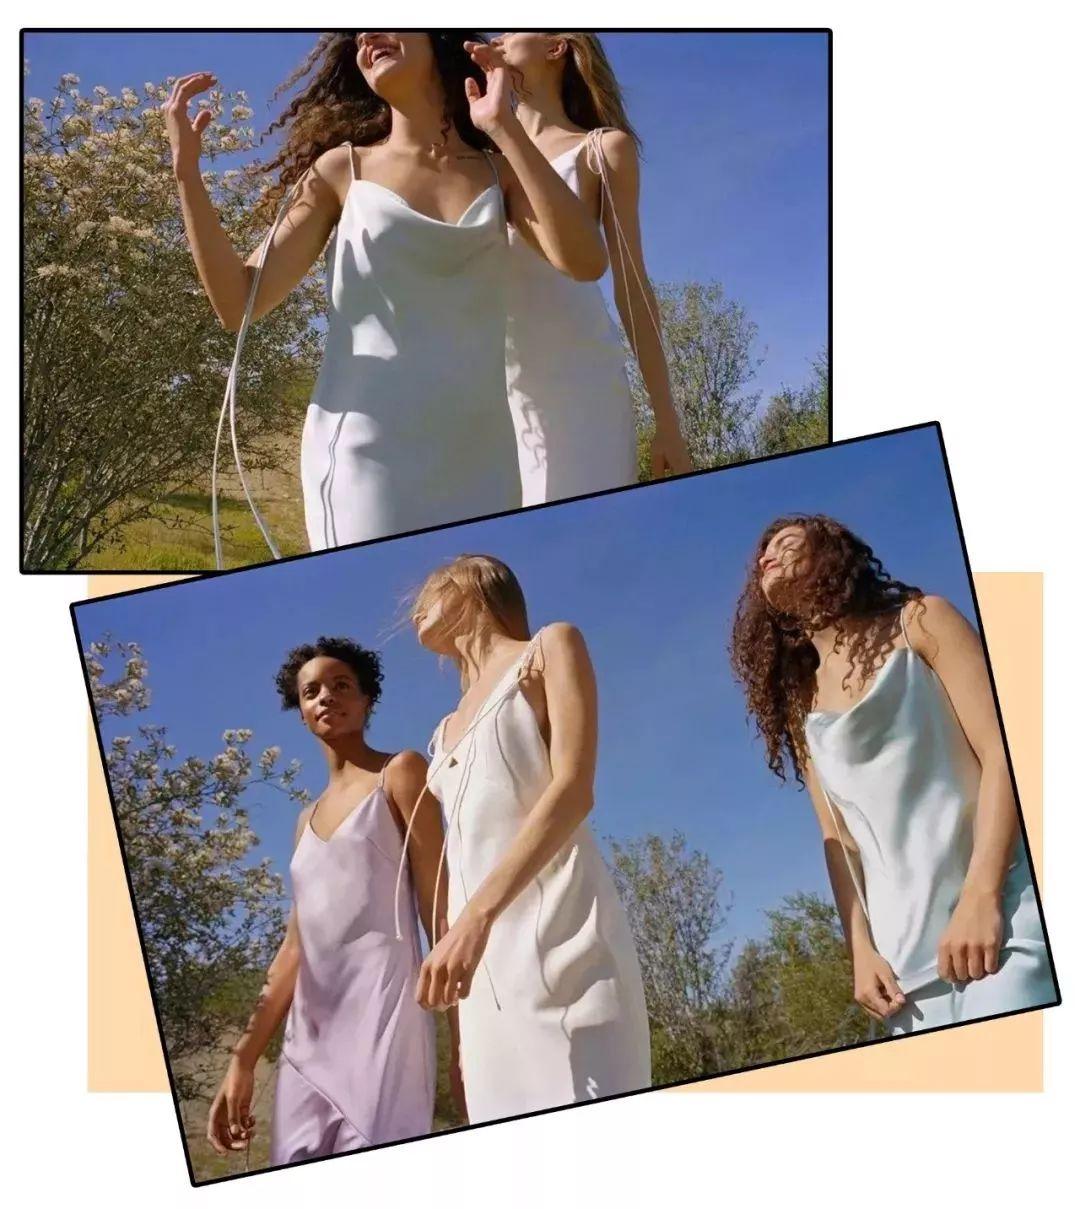 夏季穿衣搭配 吊带+短裙美到爆 回头率飙升!(图1)